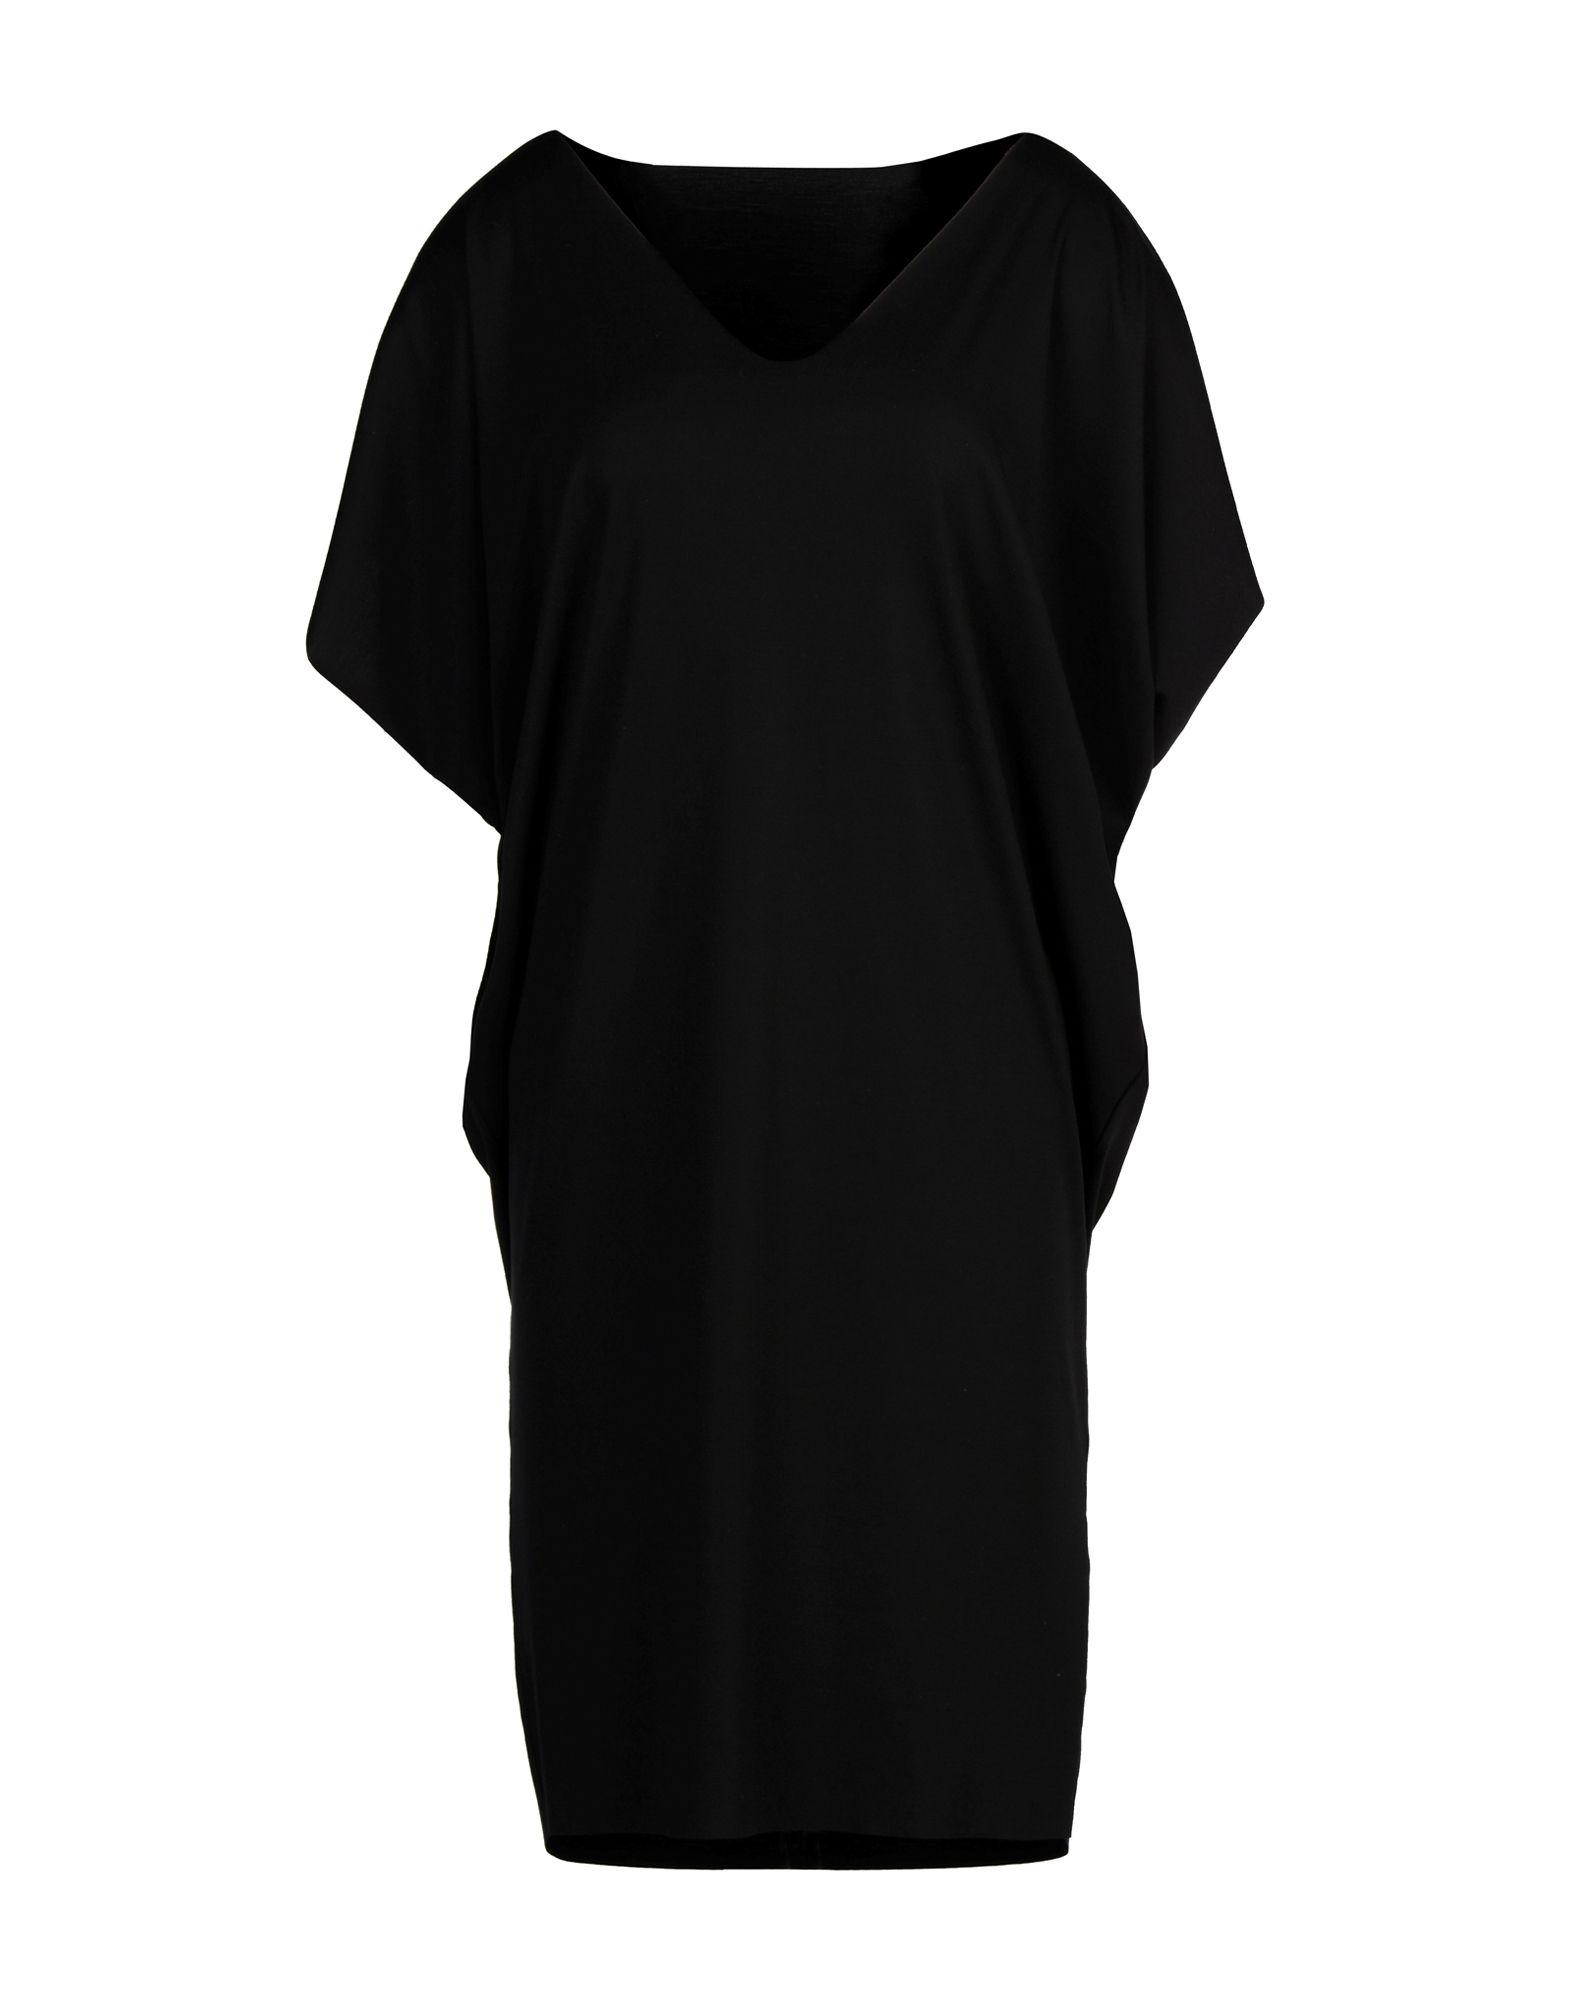 WOLFORD Damen Kurzes Kleid Farbe Schwarz Größe 6